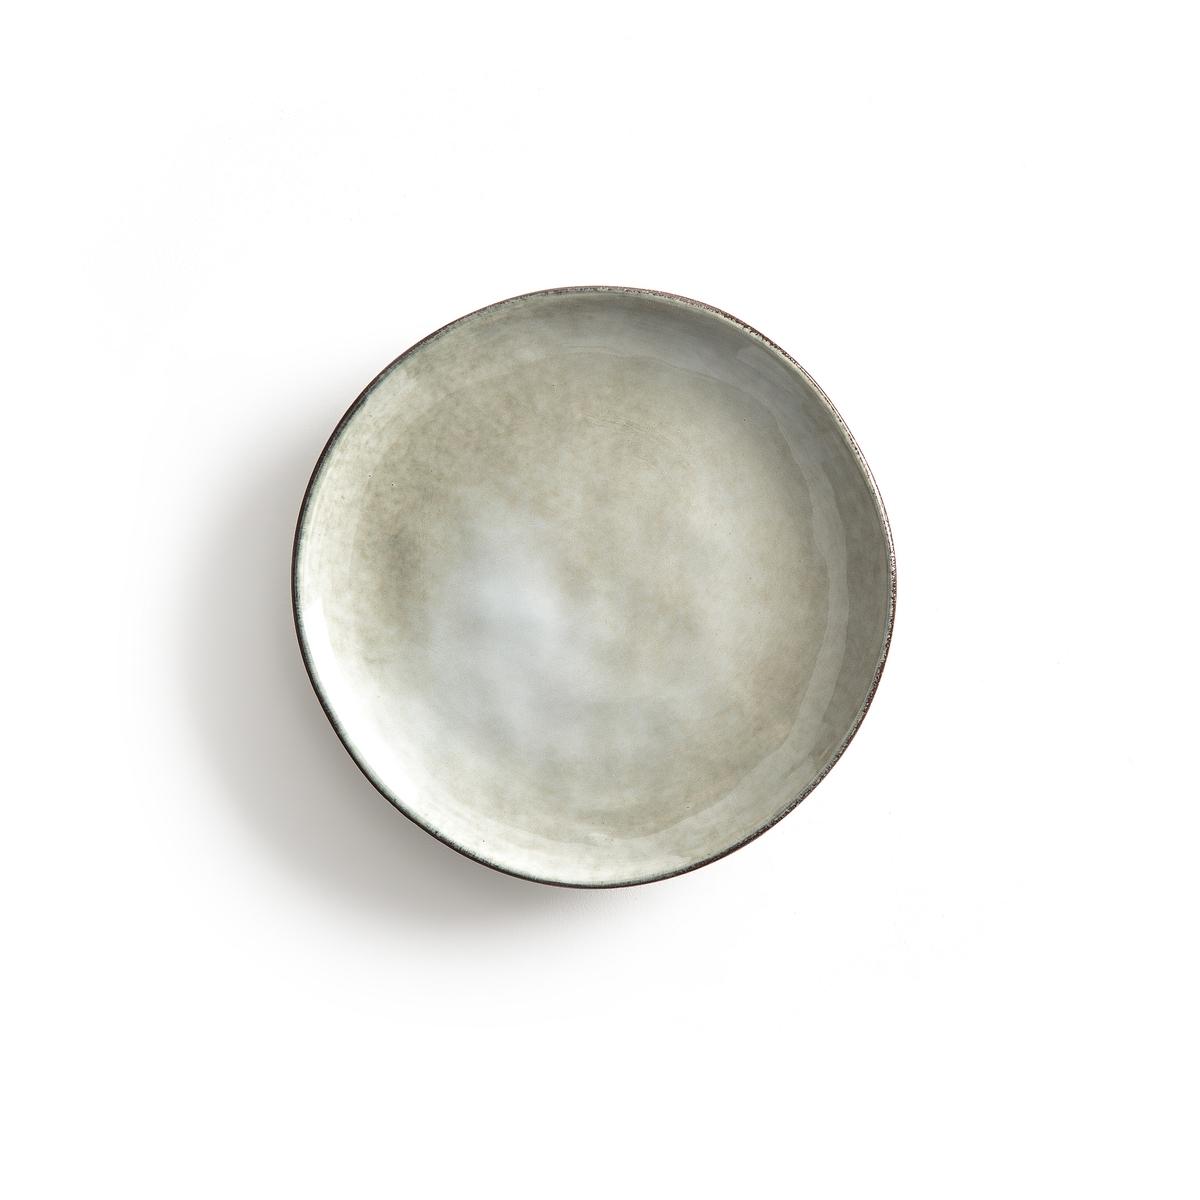 Комплект из 4 десертных тарелок  керамики Horciag